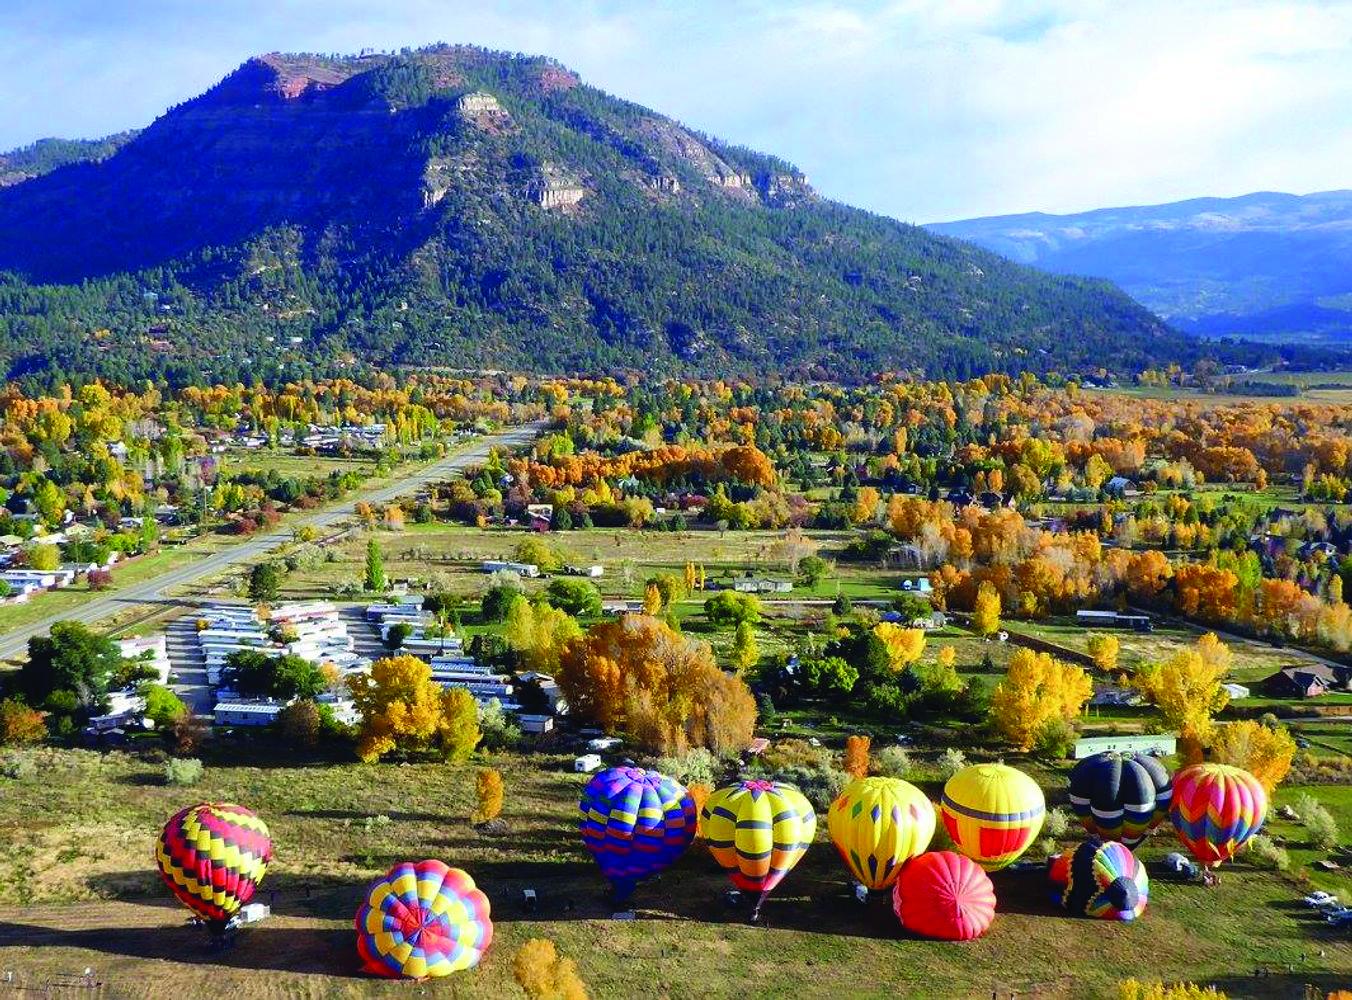 Crowds gather to admire the hot air balloons near Durango in the Animas Valley. Photo: Courtesy Animas Valley Balloon Rally